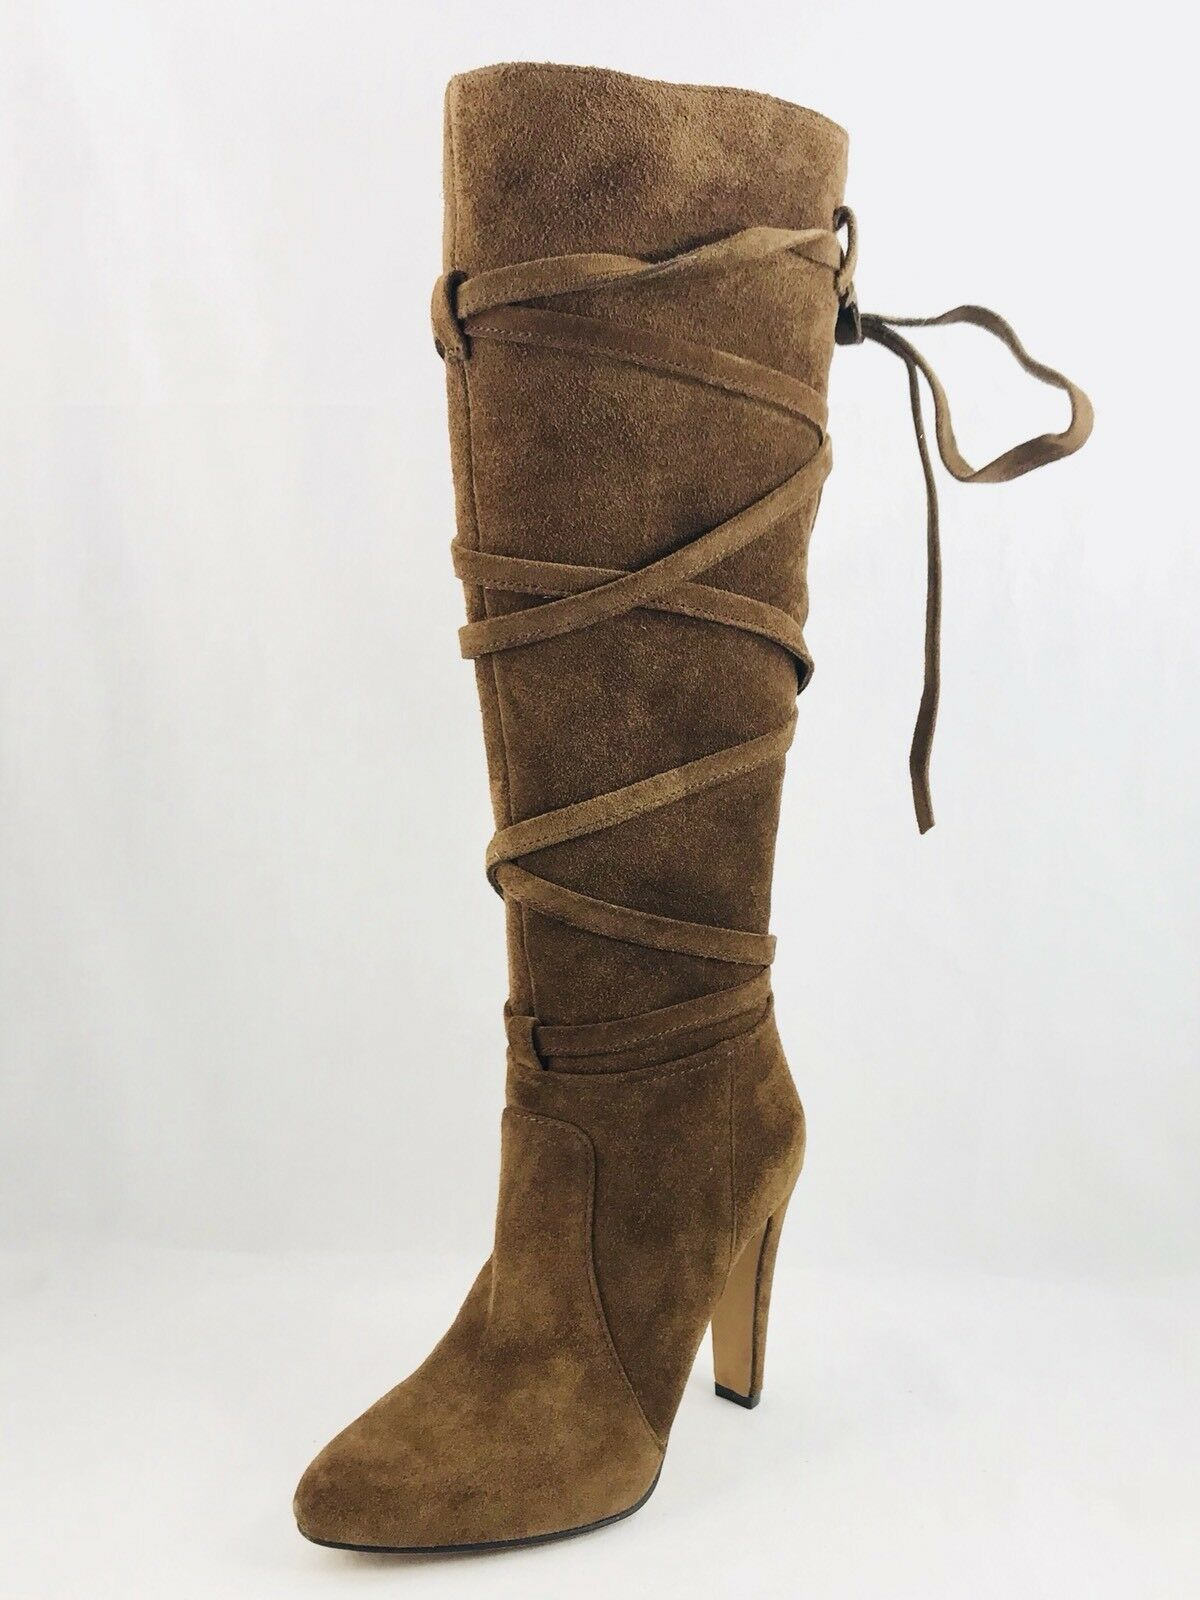 Vince Camuto Millay Damens Round Toe Suede Braun 6.5 Knee High Boot Größe 6.5 Braun 446fd9